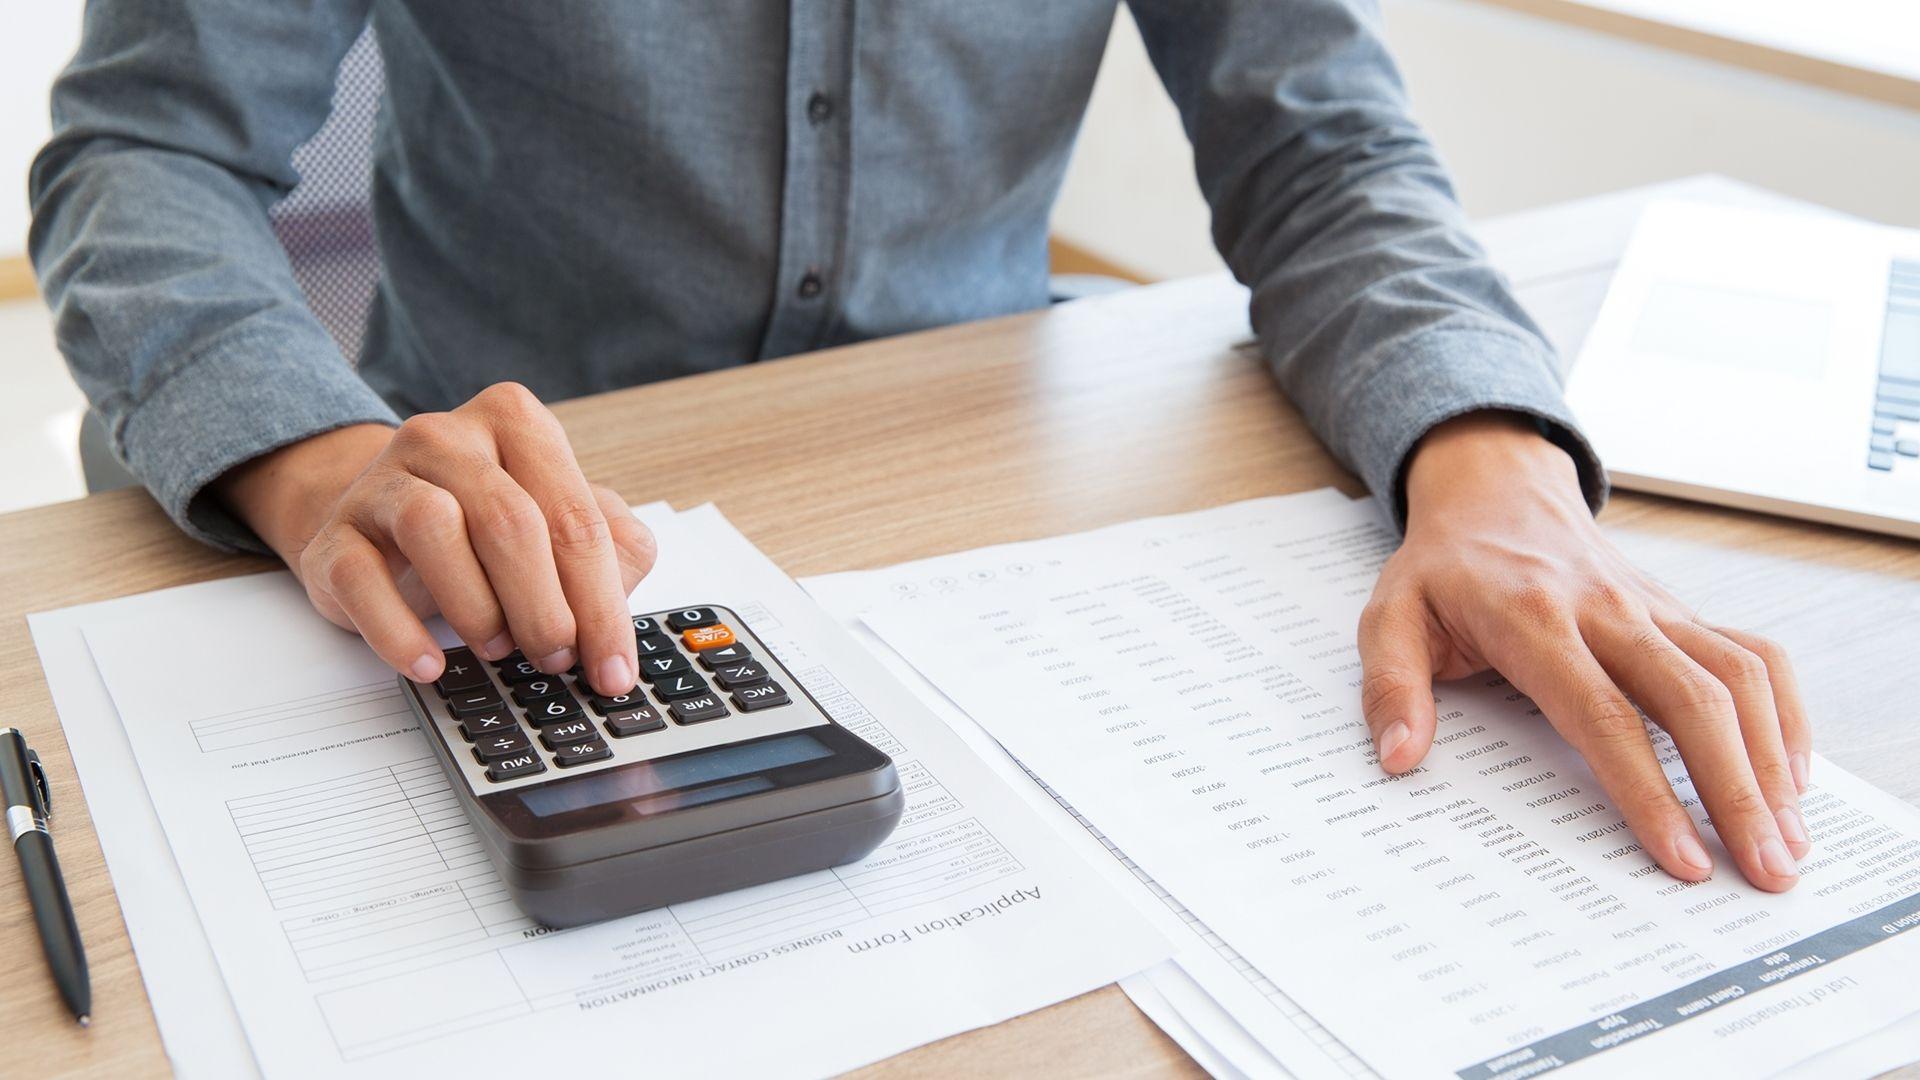 Credit proprietaire en difficultés - Dettes fiscales